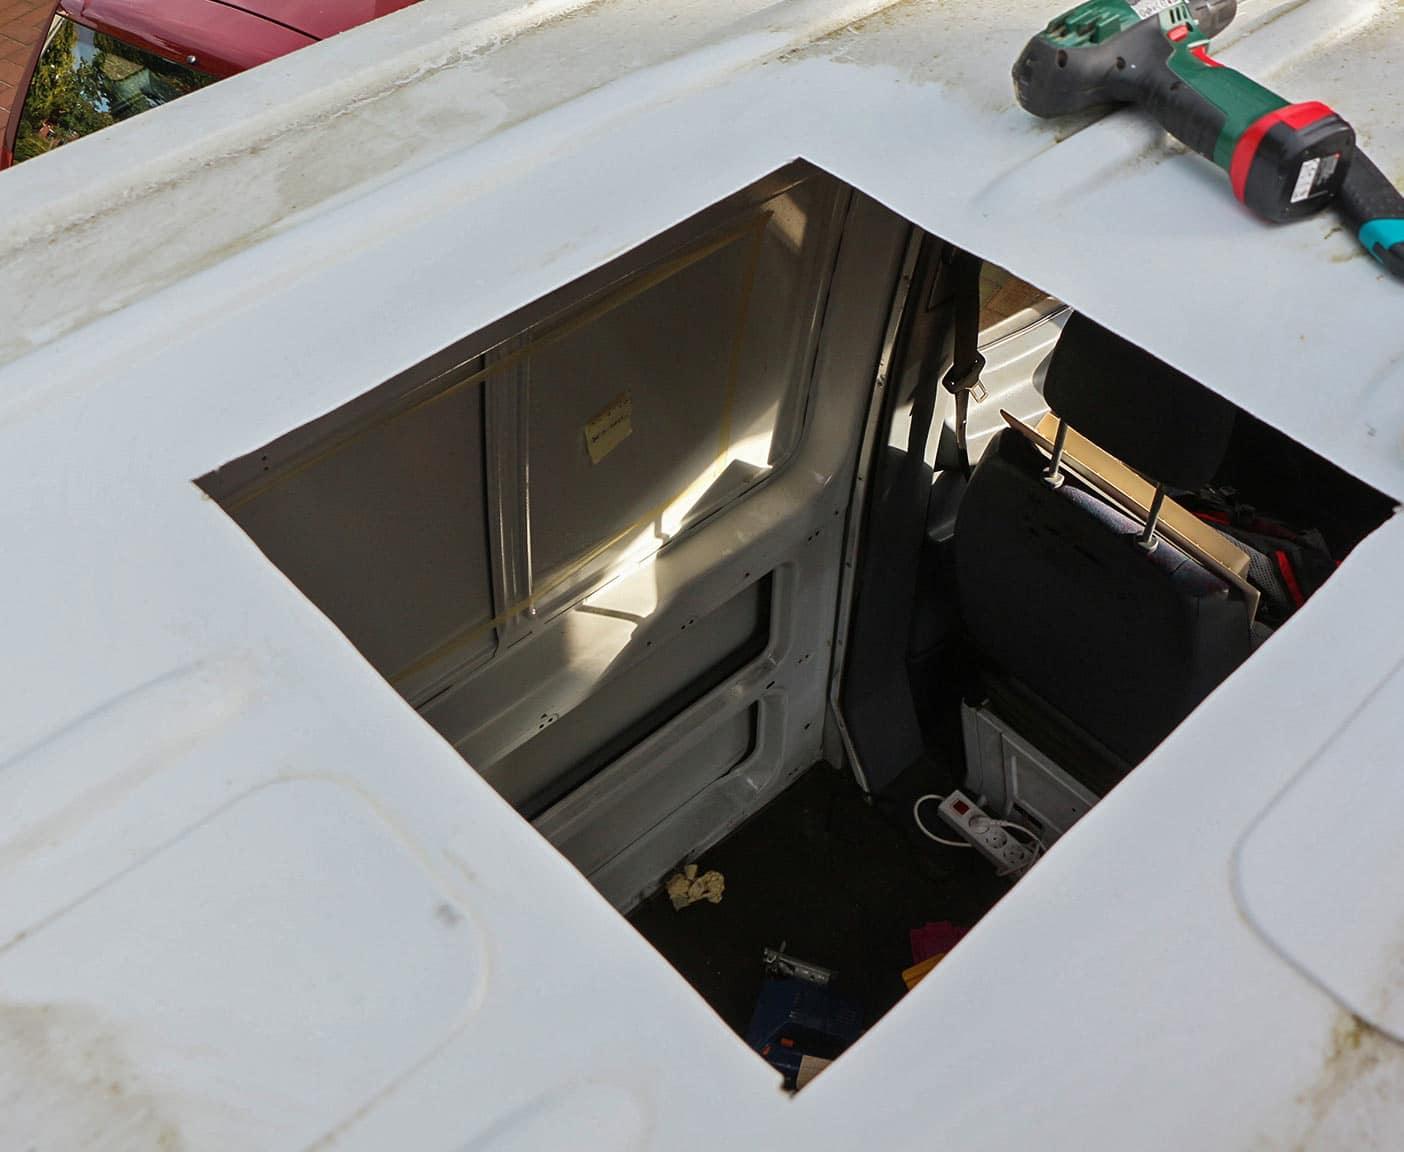 Loch für den Lukeneinbau mit der Sticksäge in das Wohnmobildach schneiden.